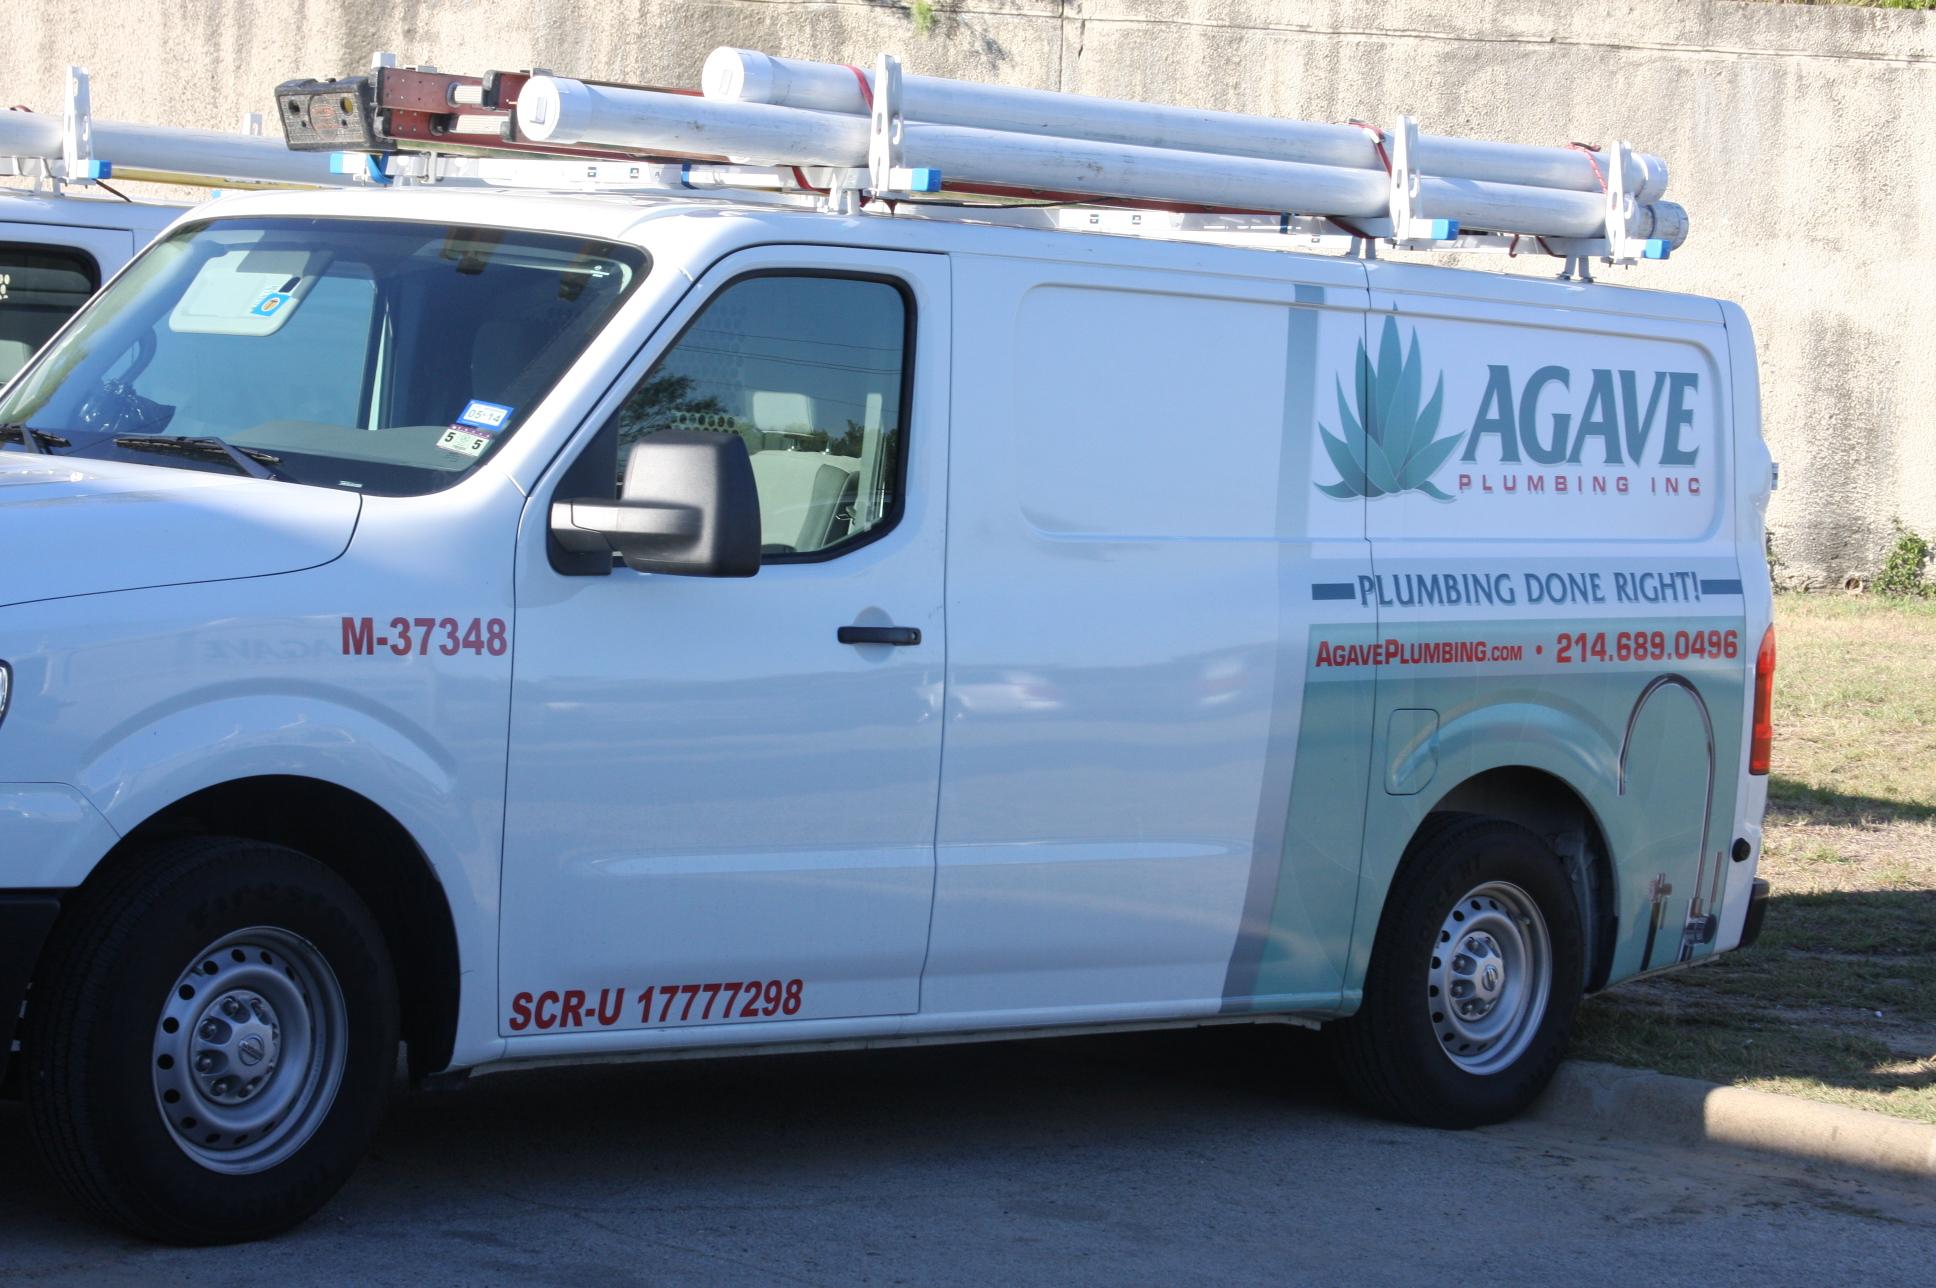 Agave Plumbing Inc image 2